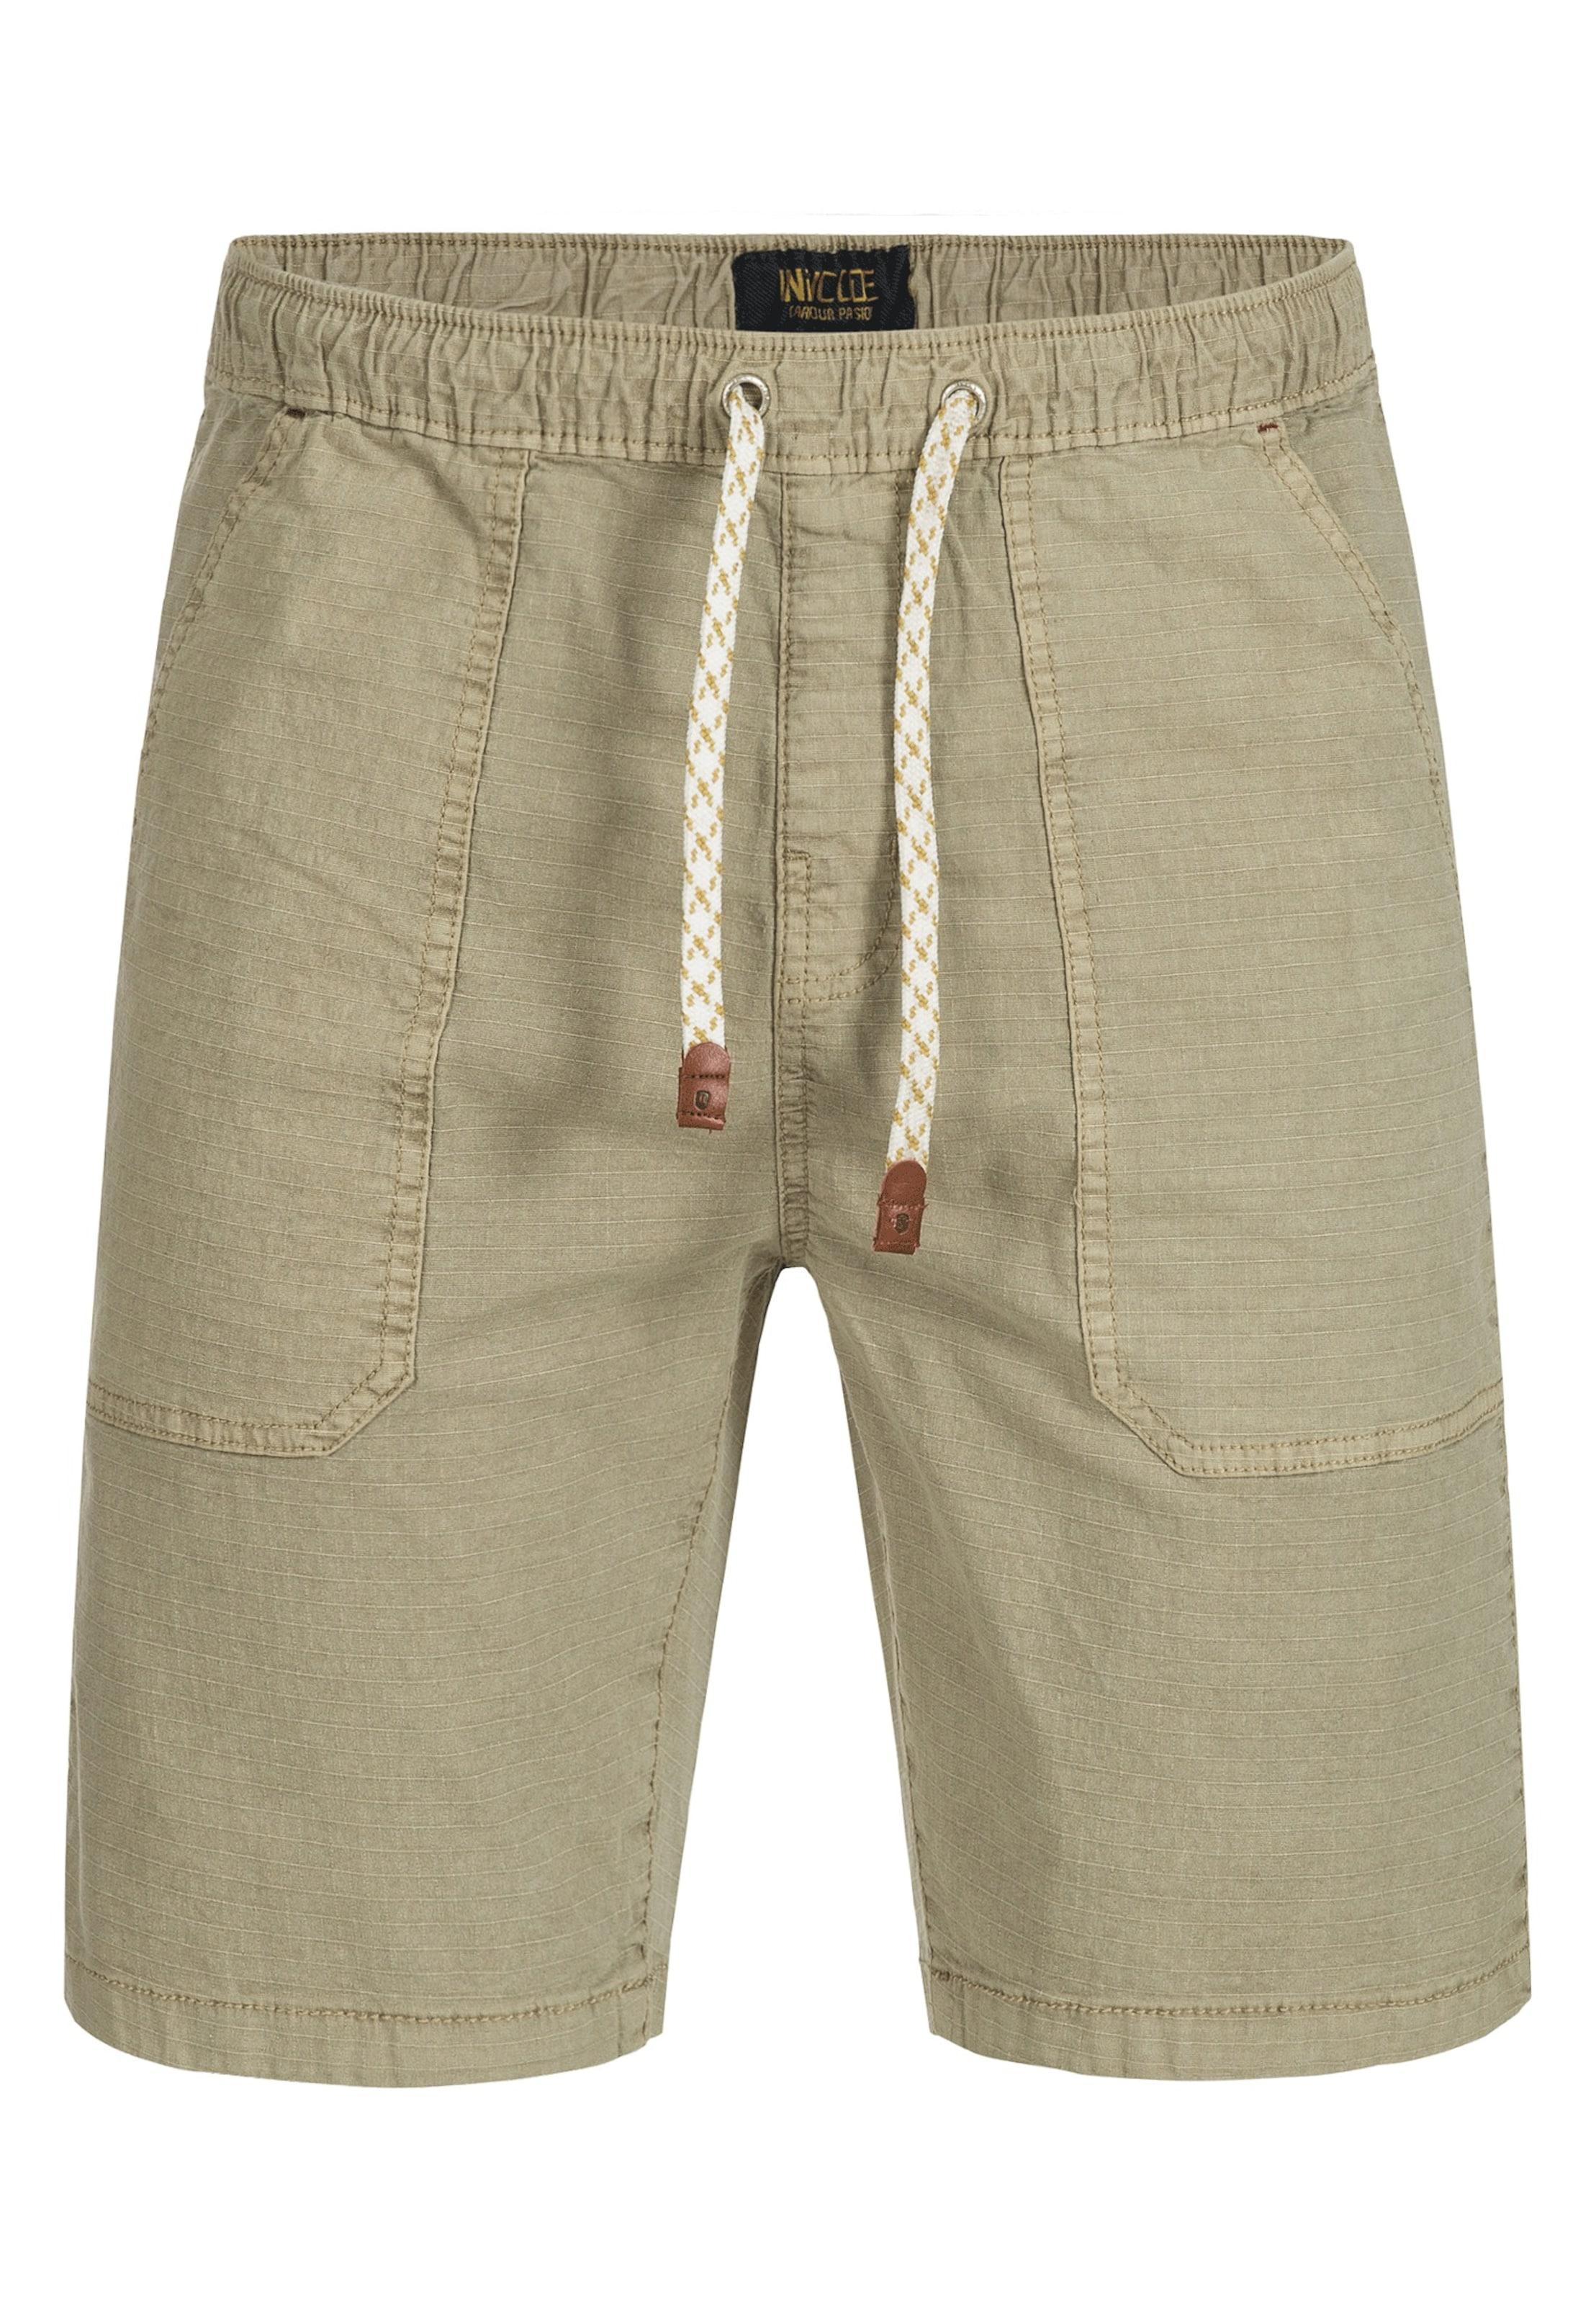 Jeans Indicode Pantalon 'stoufville' Foncé En Beige zMUVpS